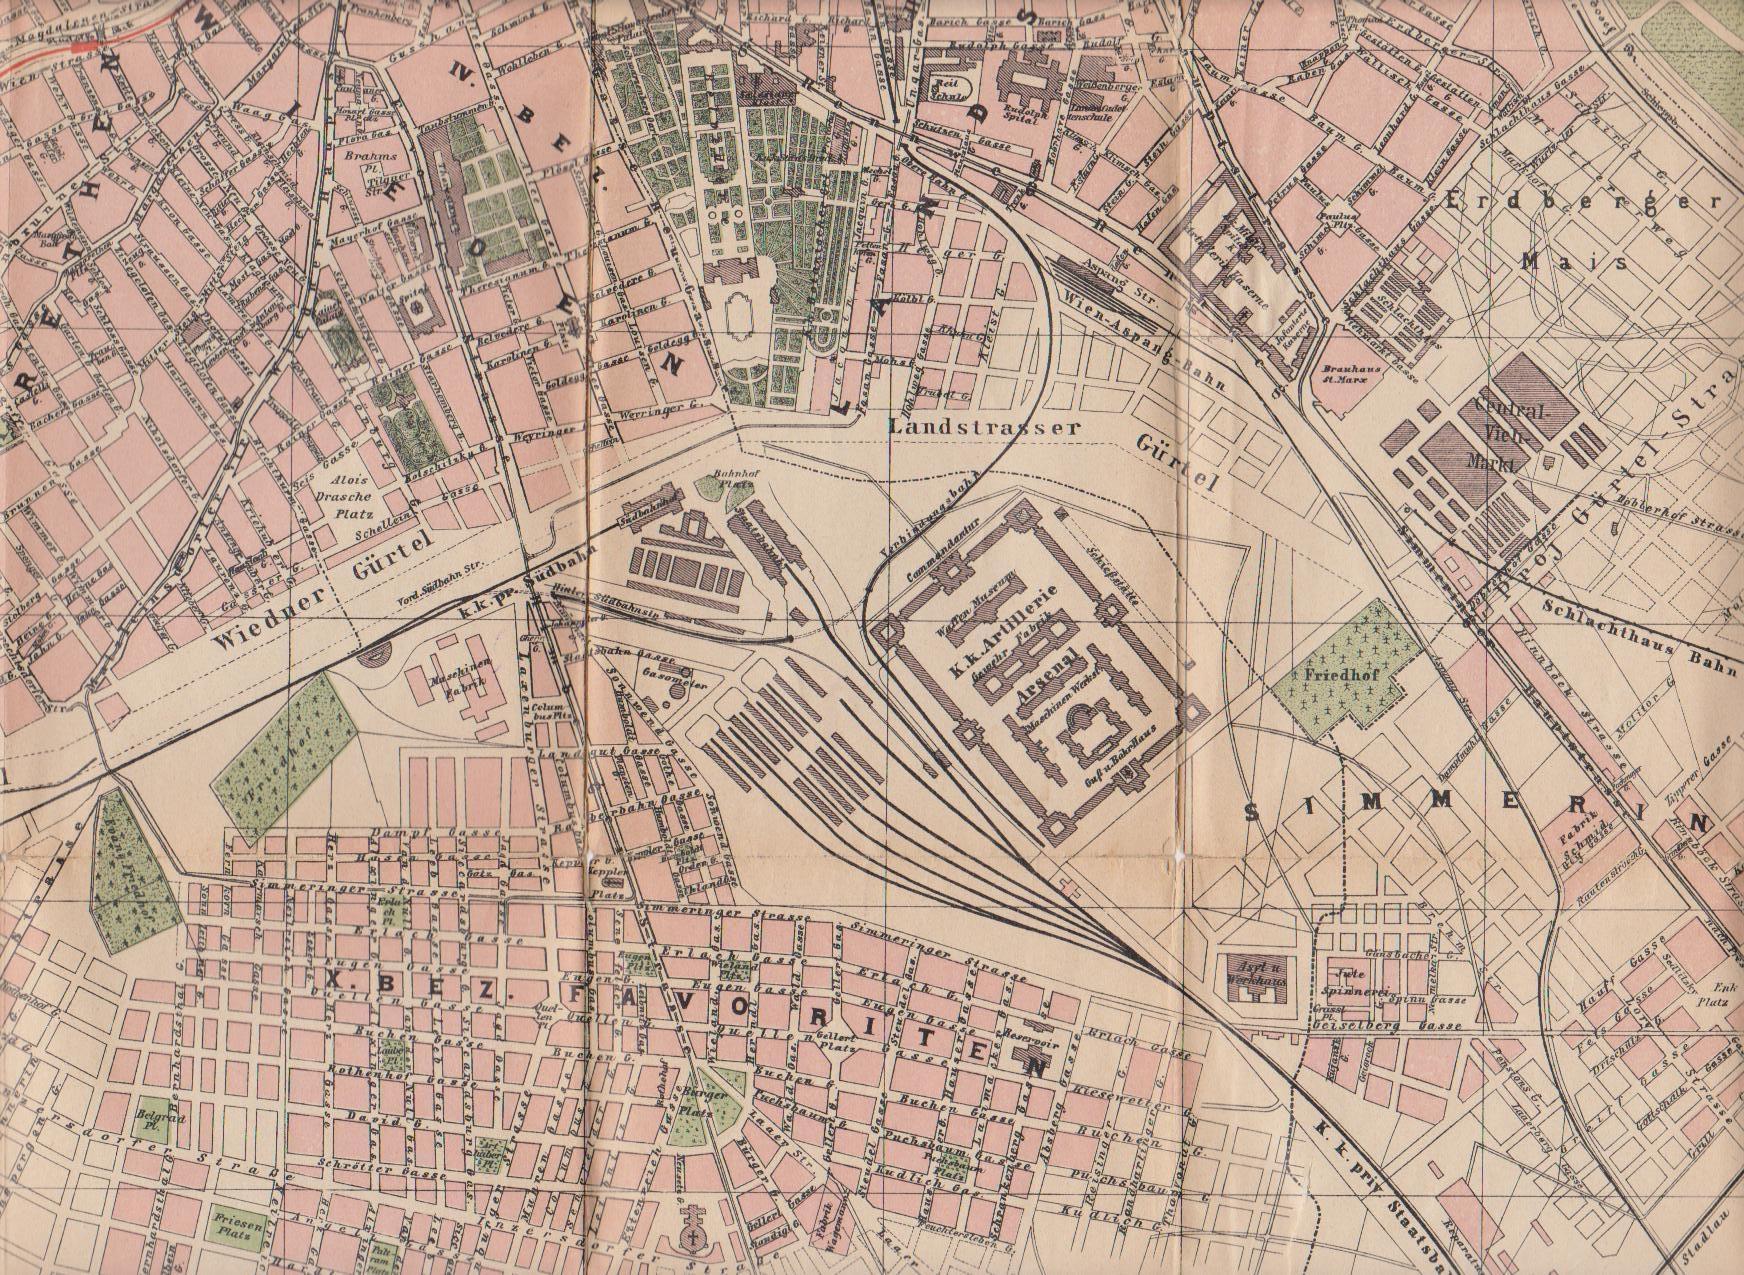 Stadtplan 1900: Ausbau und Regulierung des Wiedner und des Landstraßer Gürtels waren noch nicht abgeschlossen. Die projektierte Fortsetzung des Gürtels ...